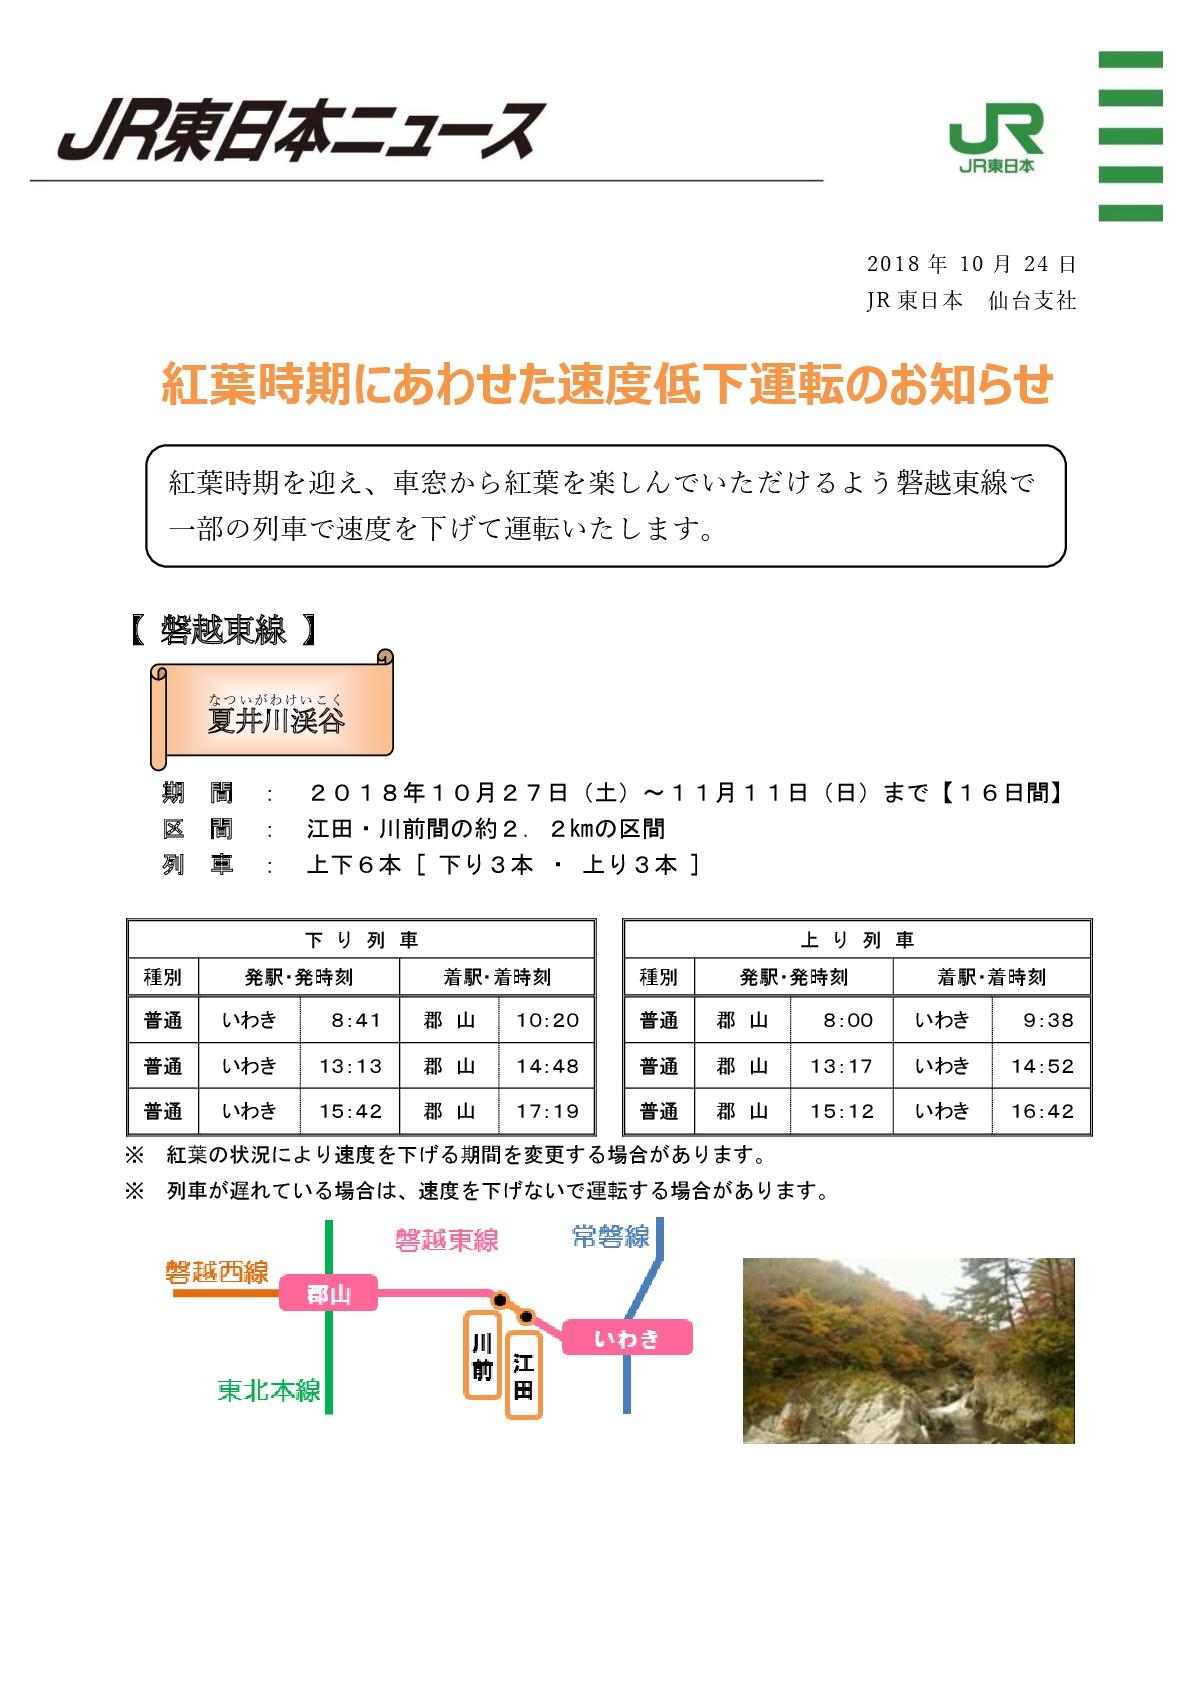 夏井川渓谷徐行運転